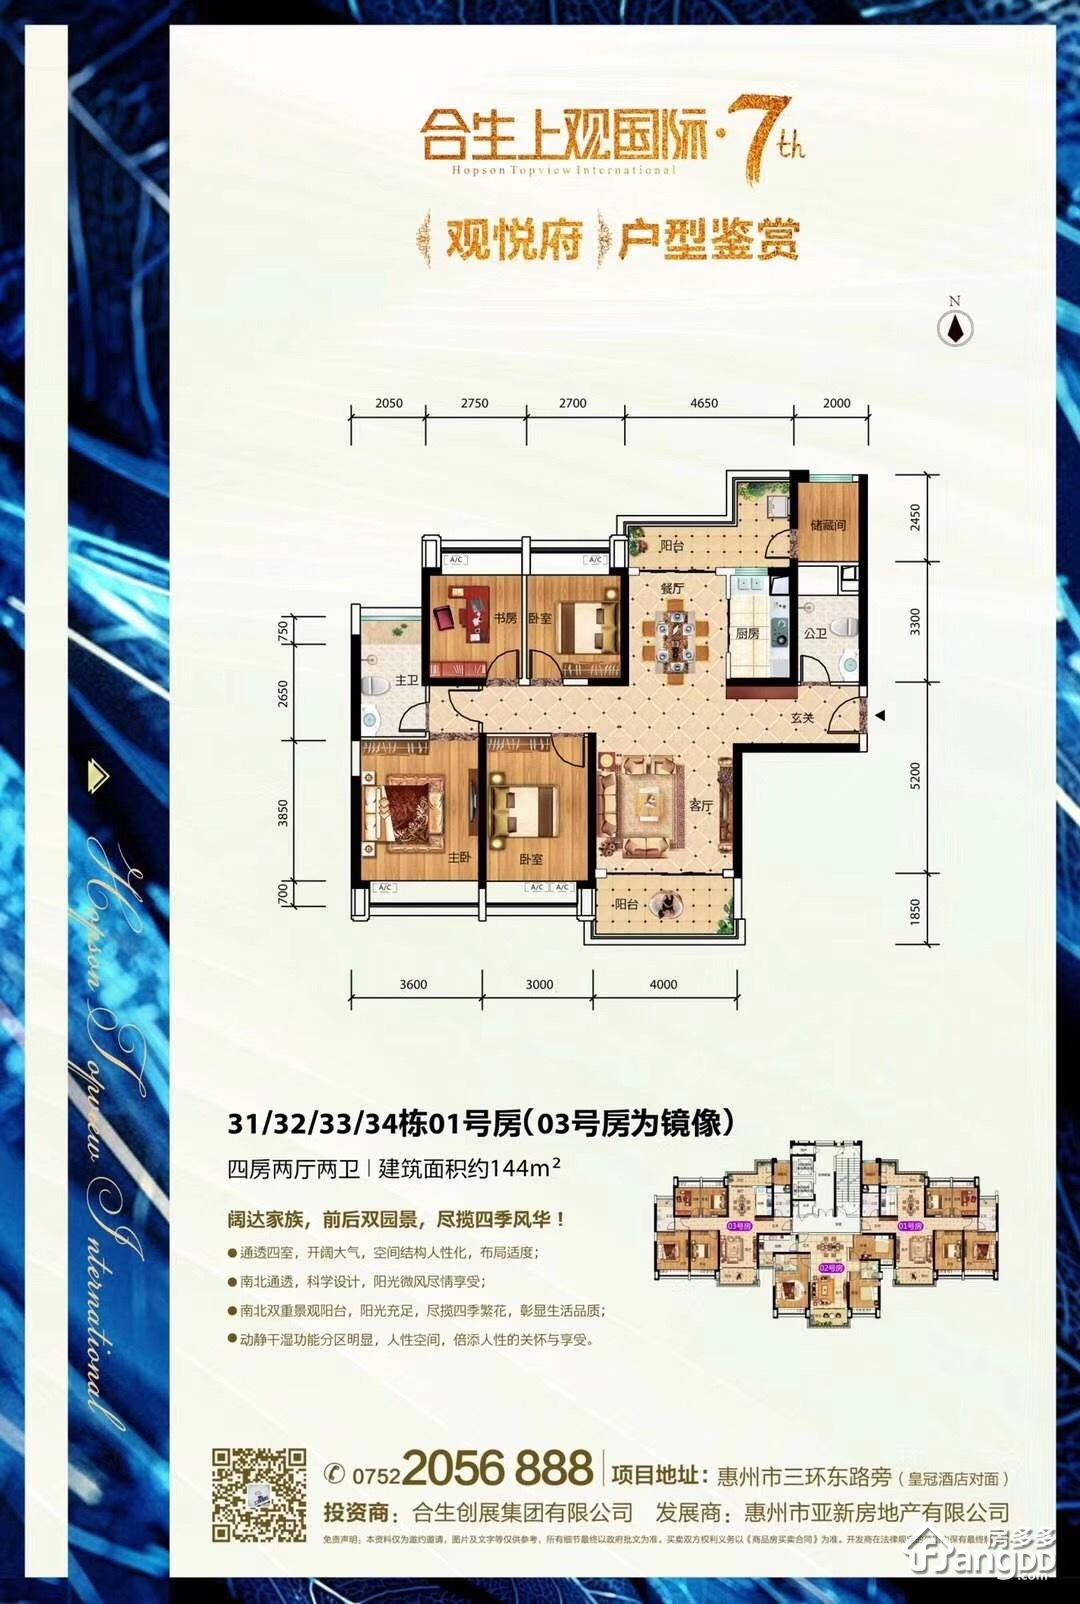 合生上观国际4室2厅2卫户型图